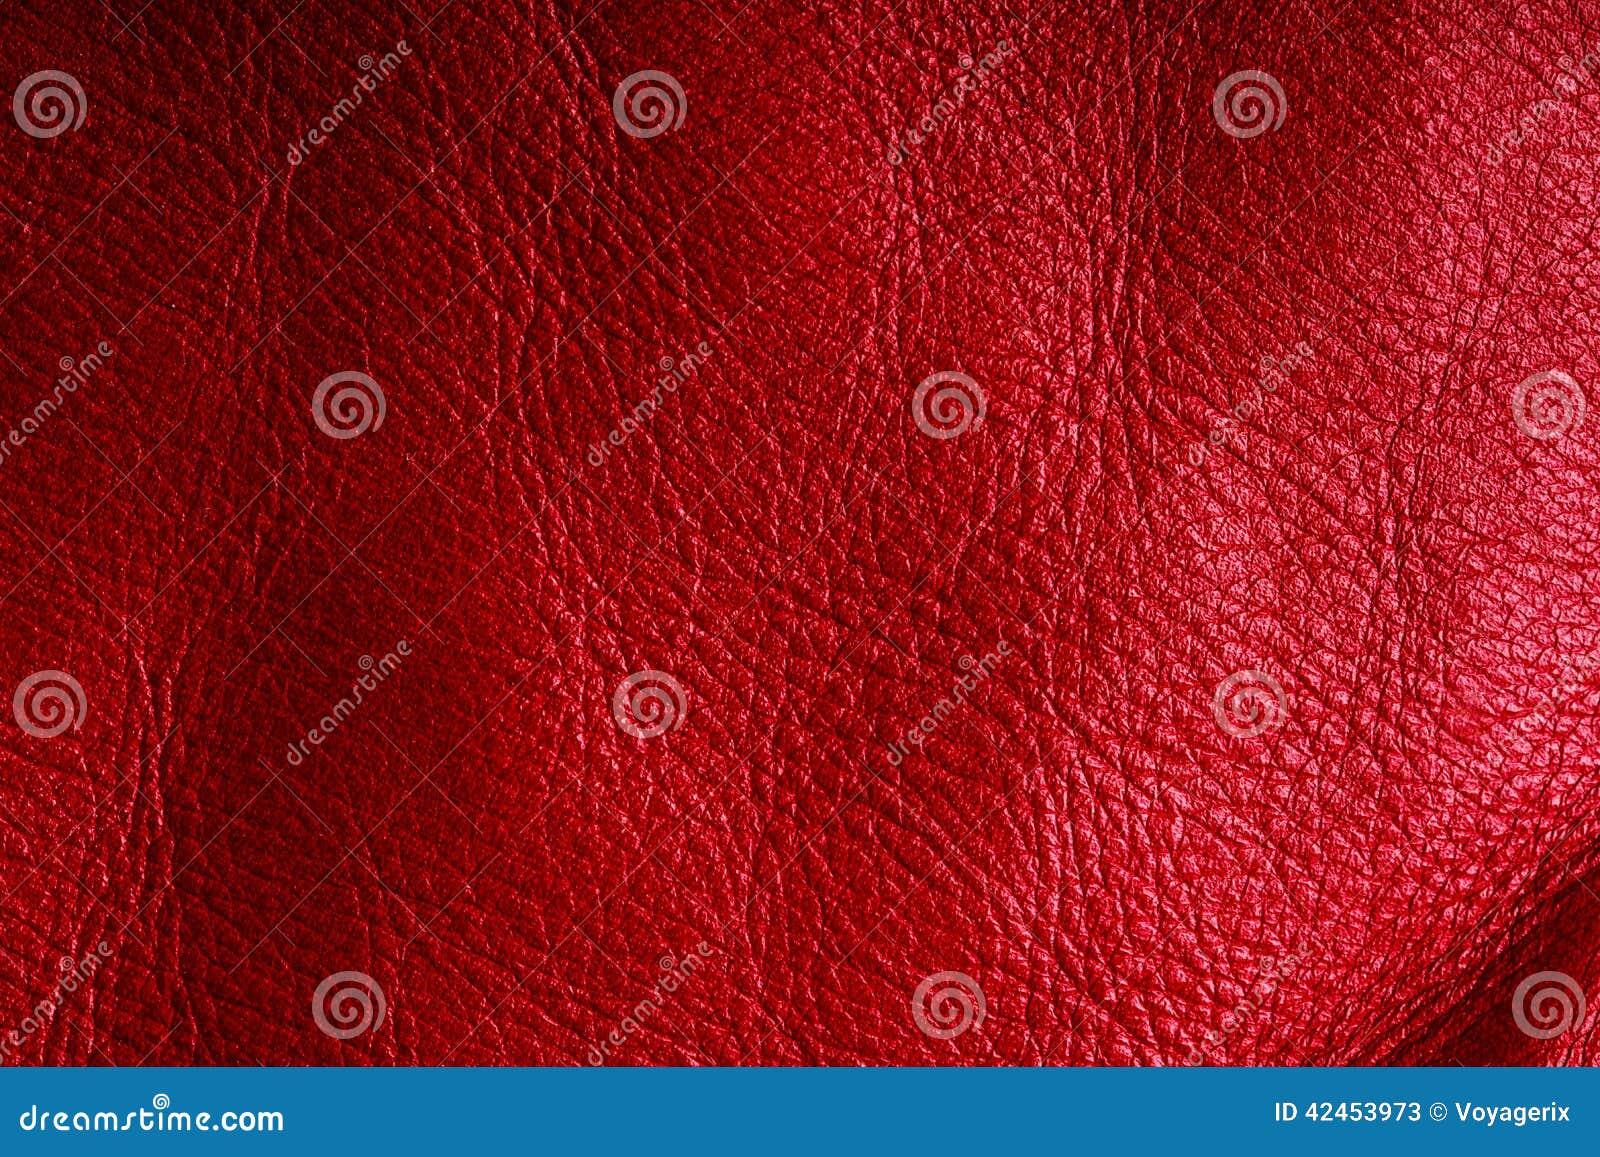 Rote strukturierte lederne Schmutzhintergrundnahaufnahme